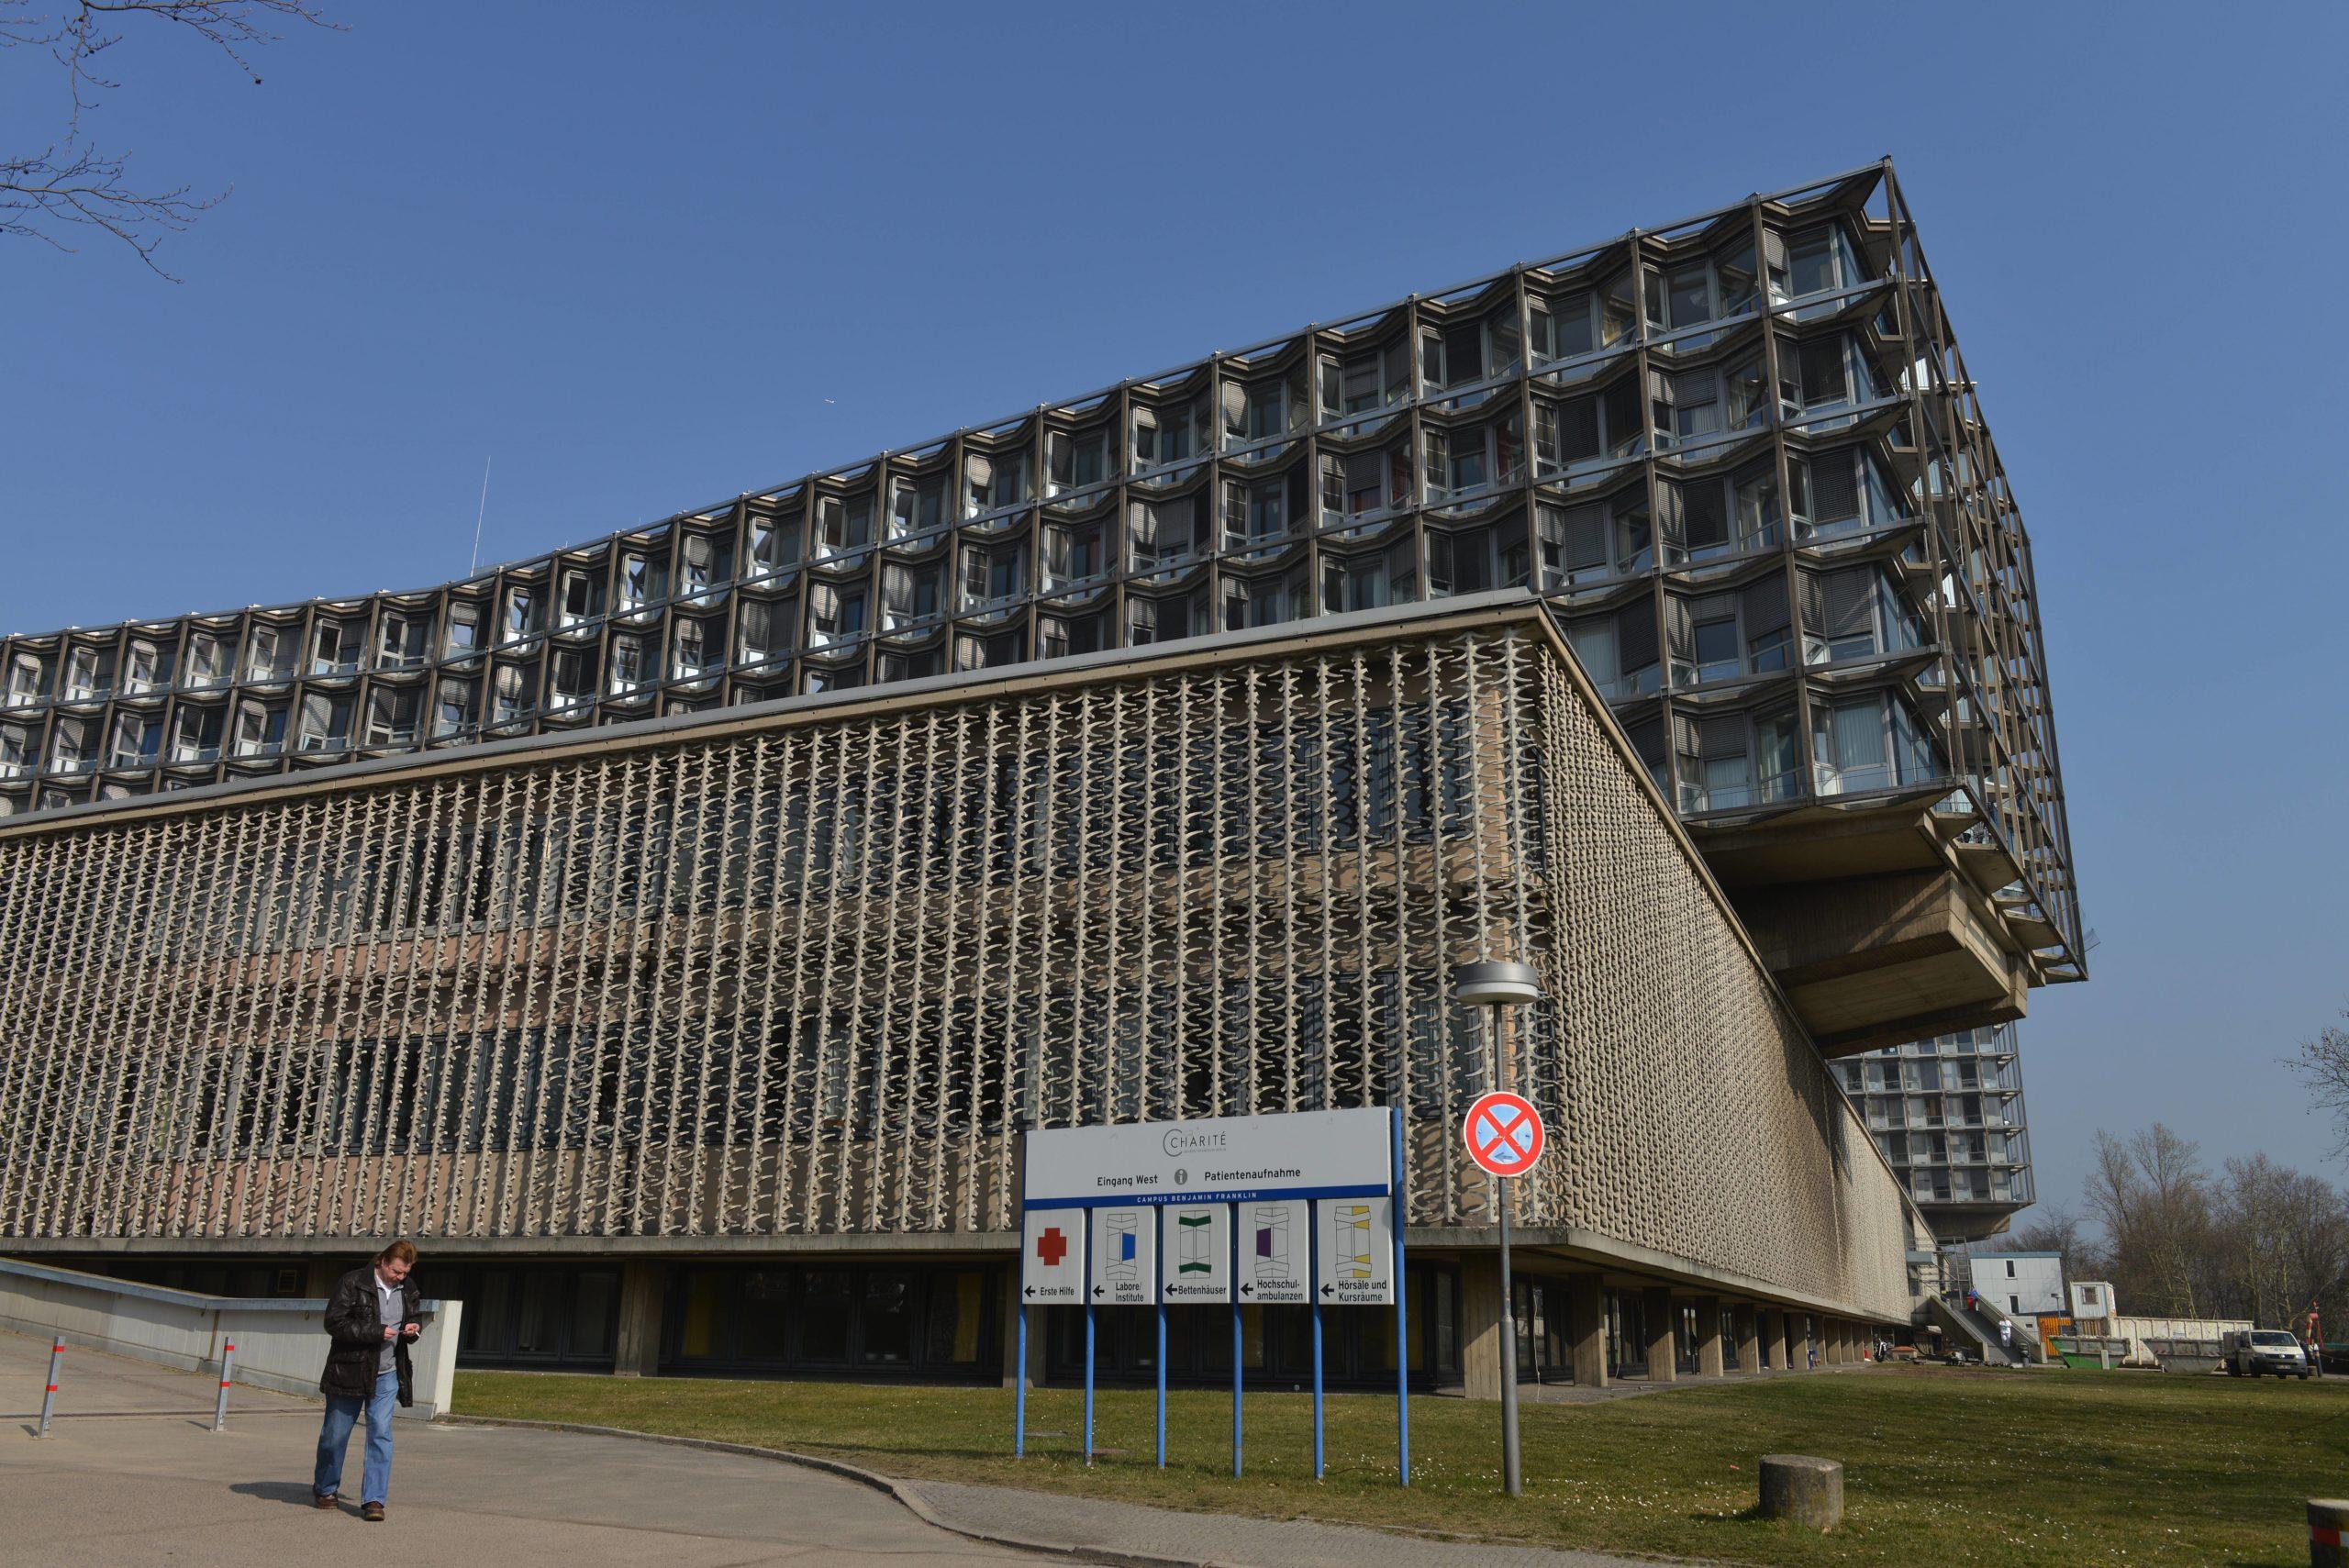 Der Brutalismus-Bau des Krankenhaus Benjamin Franklin wurde vom Architekturbüro Curtis & Davis aus New Orleans entworfen. Foto: Imago/Joko